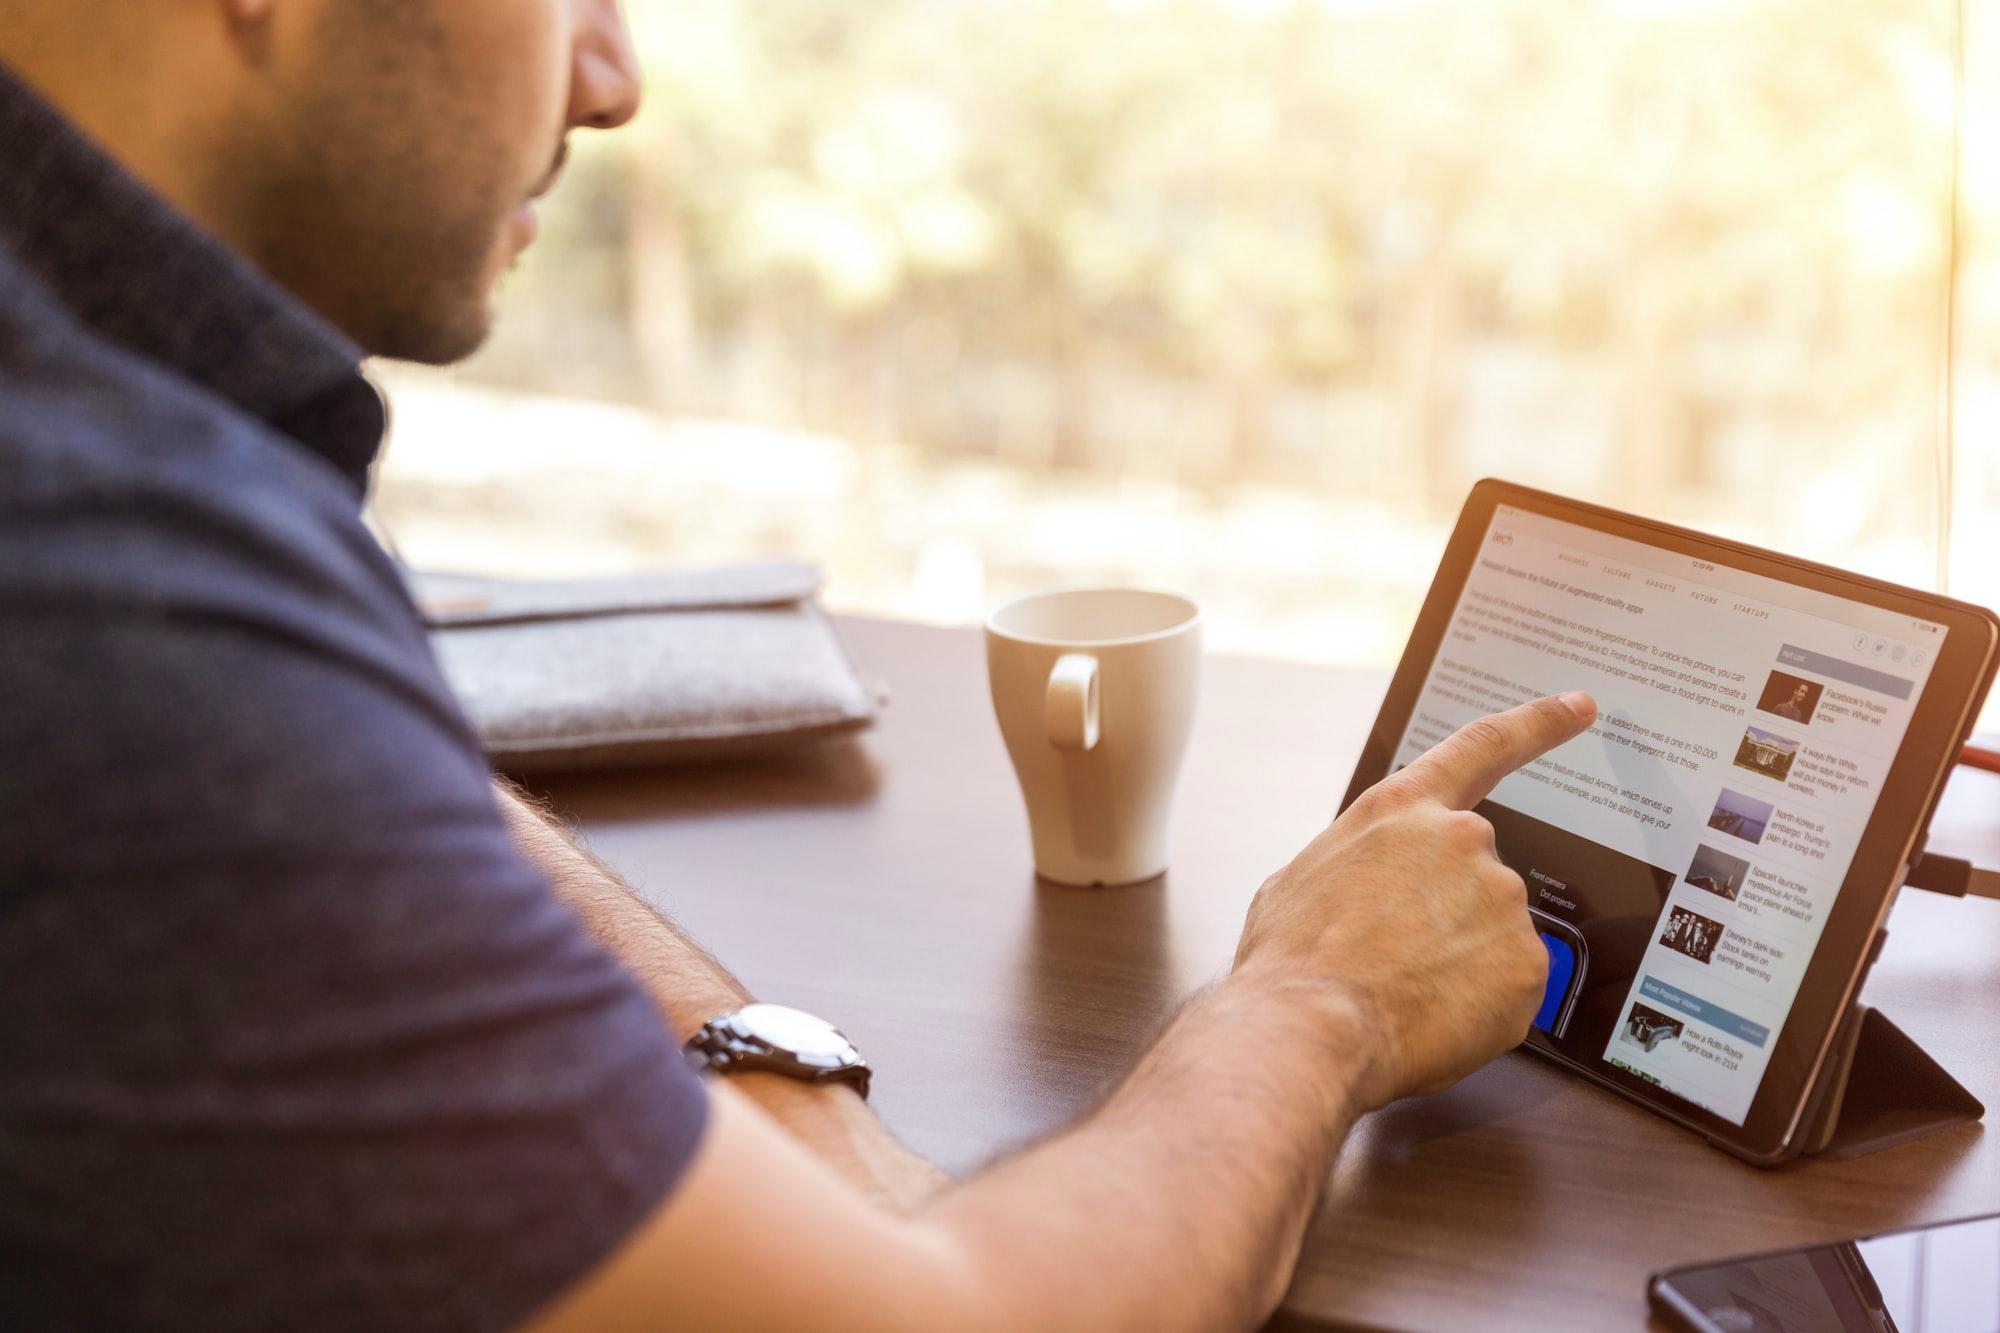 Kajabi vs Teachable: Which Online Course Platform Should You Choose?